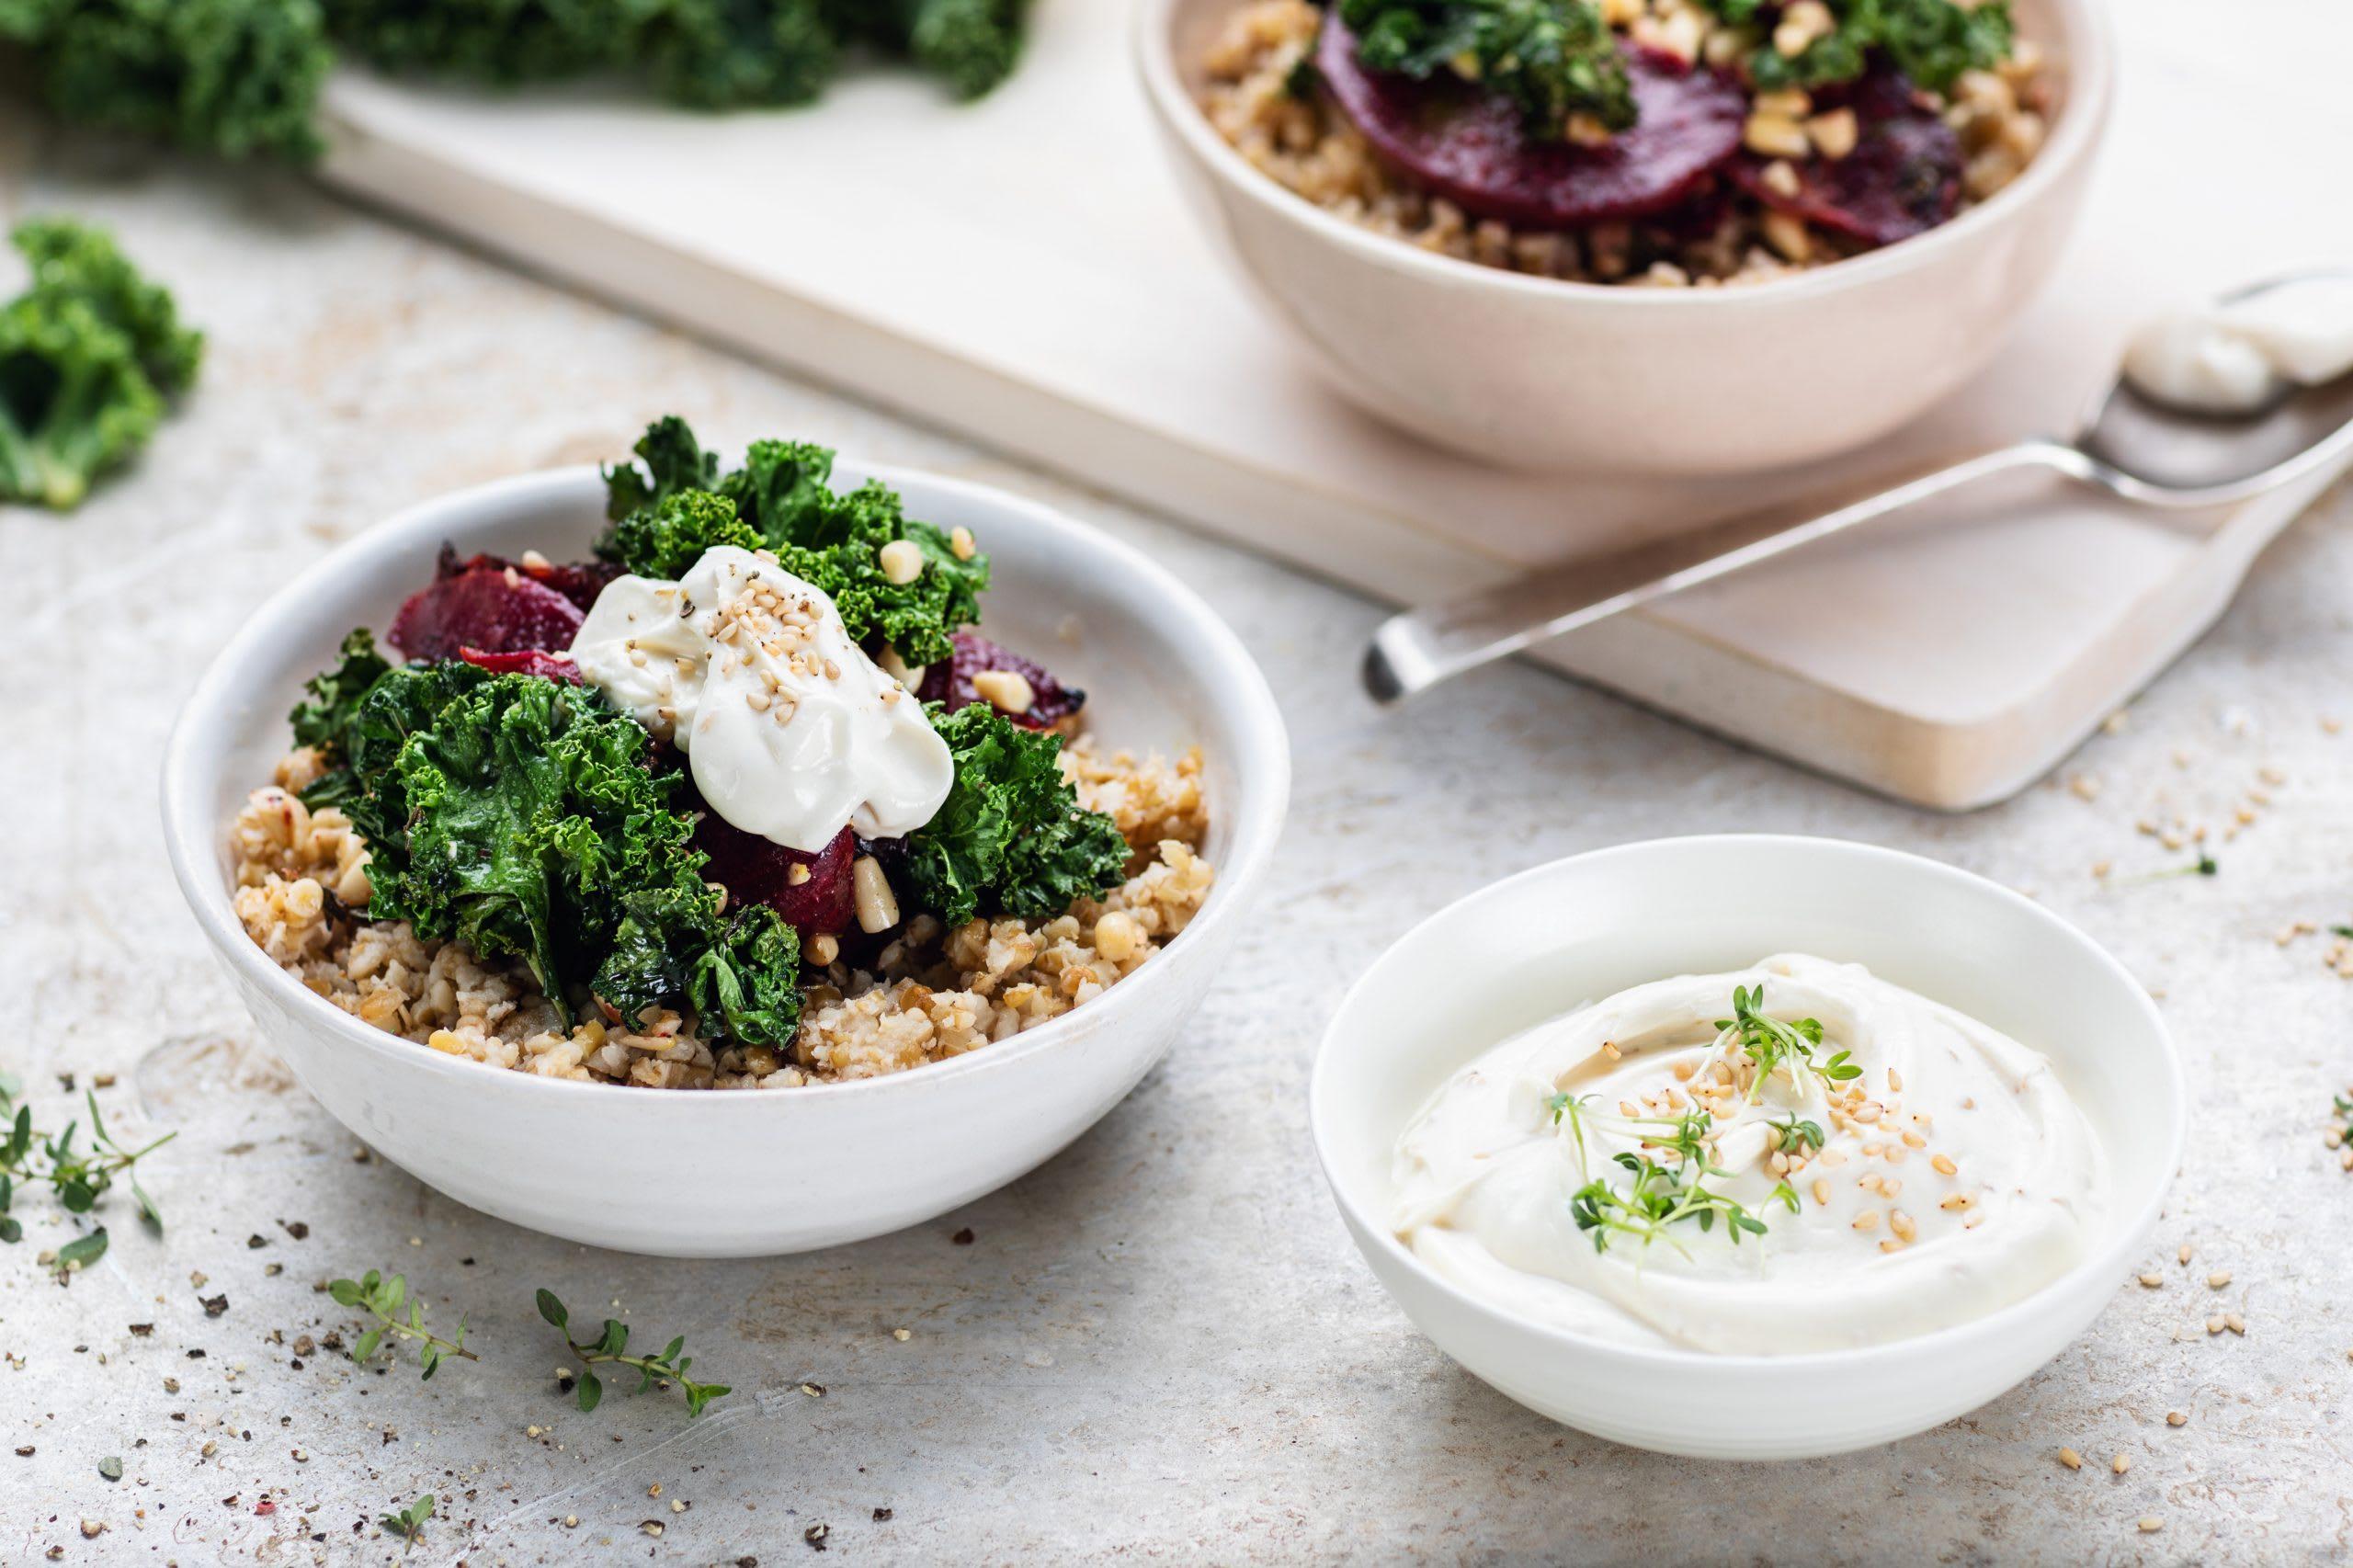 Salade de boulgour à la betterave et au chou kale